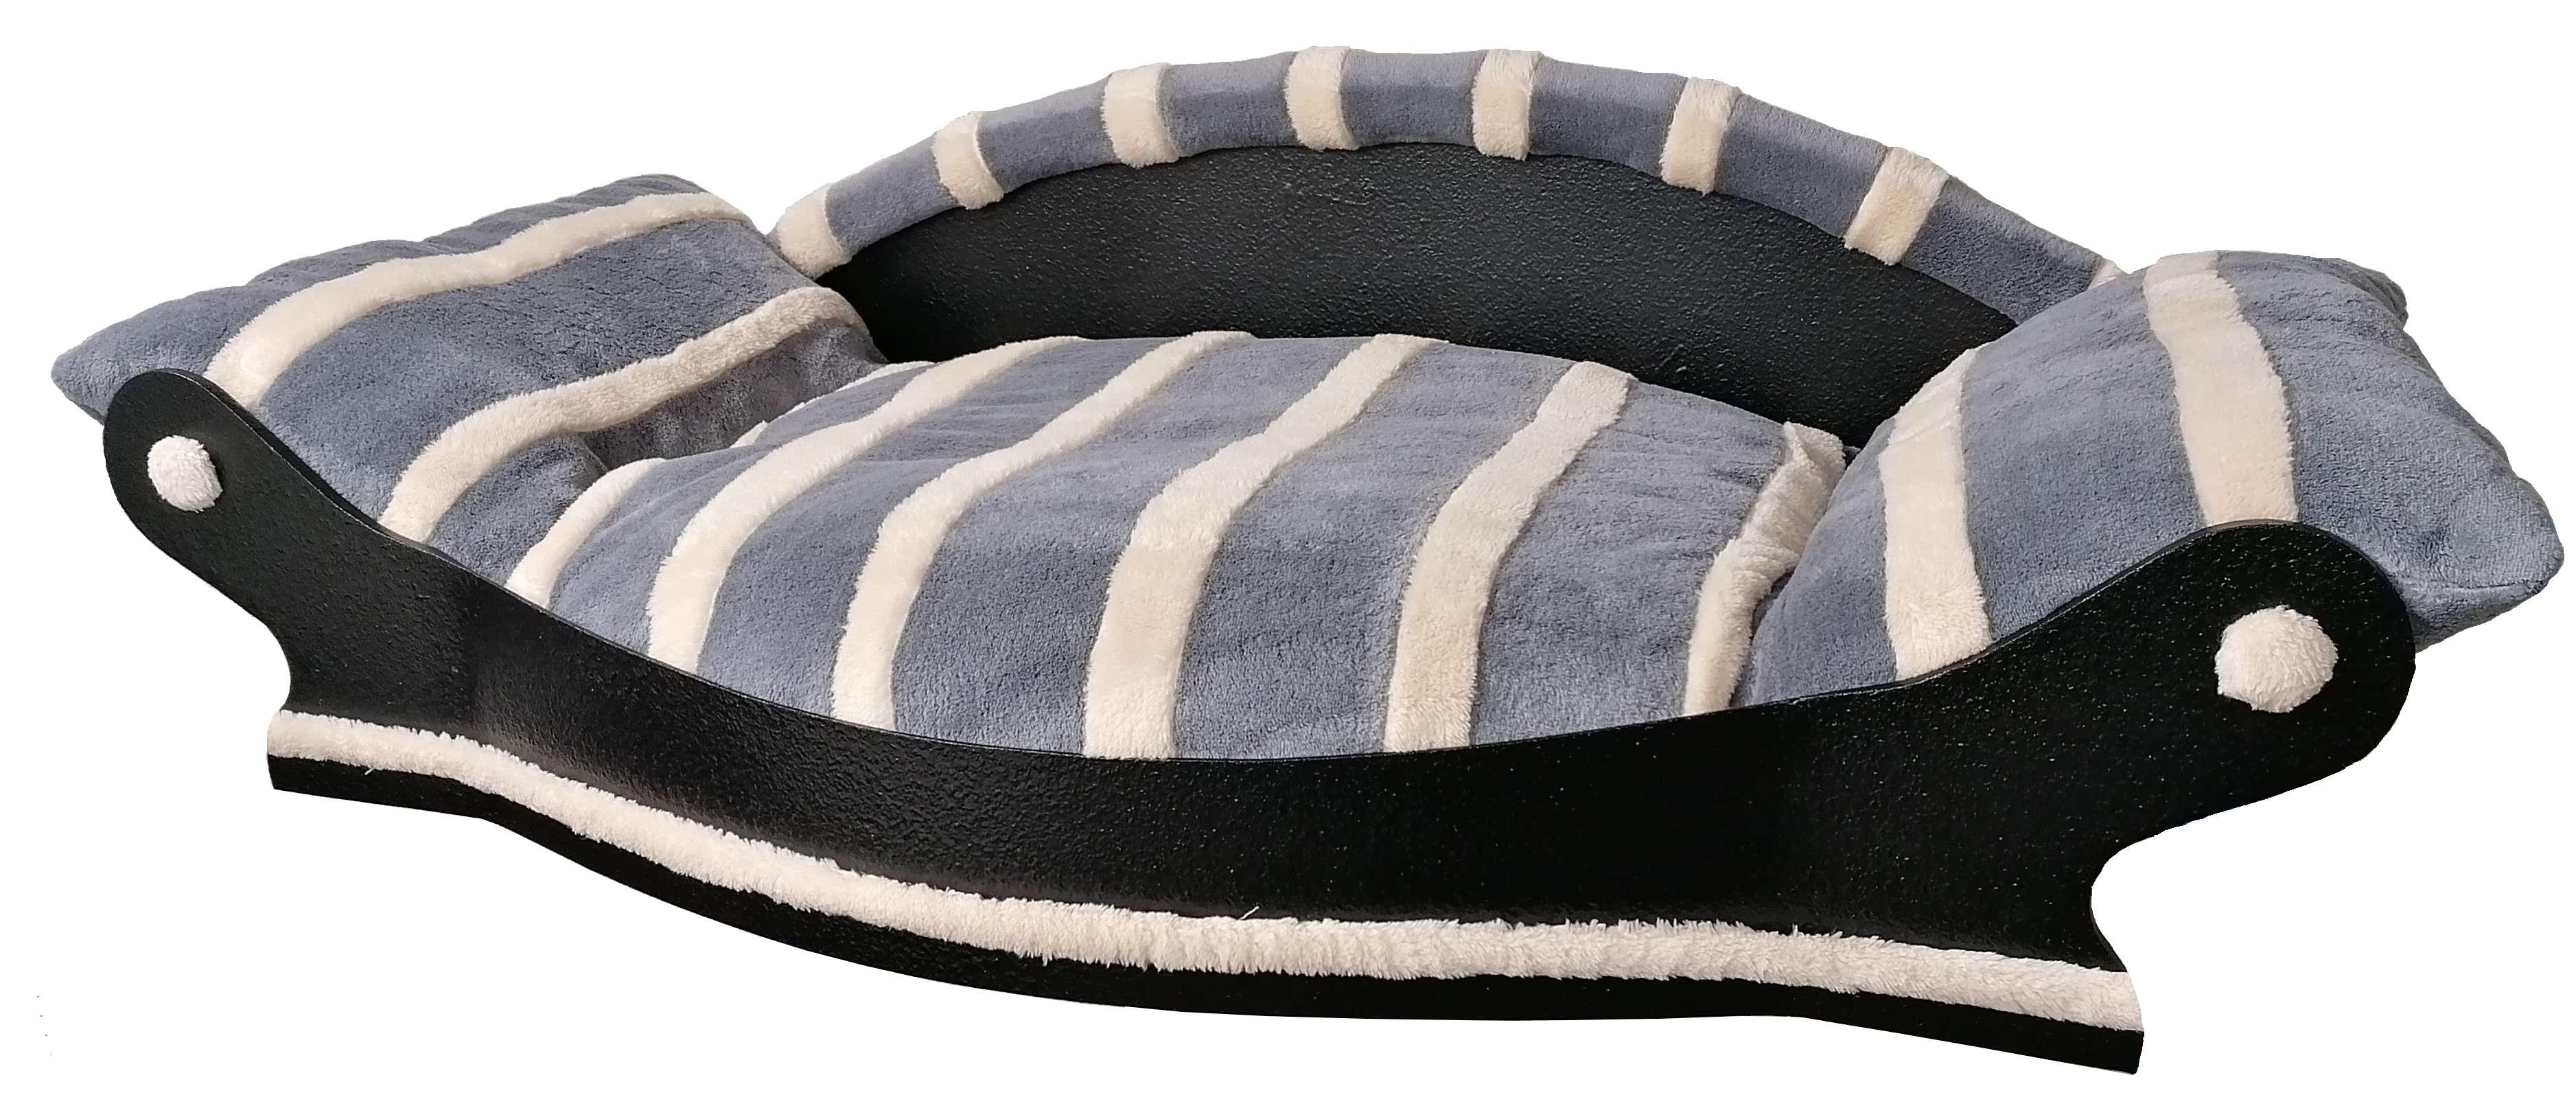 grand fauteuil arrondi pour chien  couchage gris avec des rayures écrus